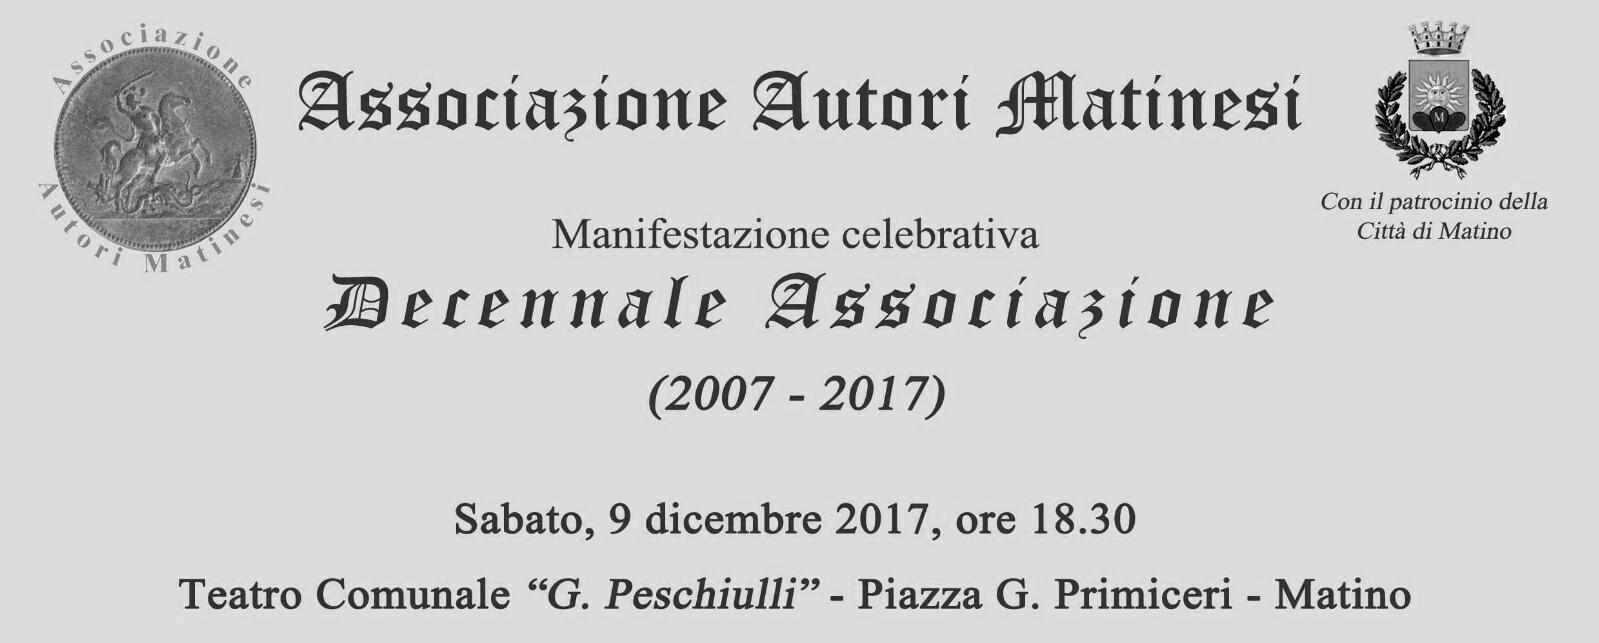 Decennale Associazione Autori Matinesi